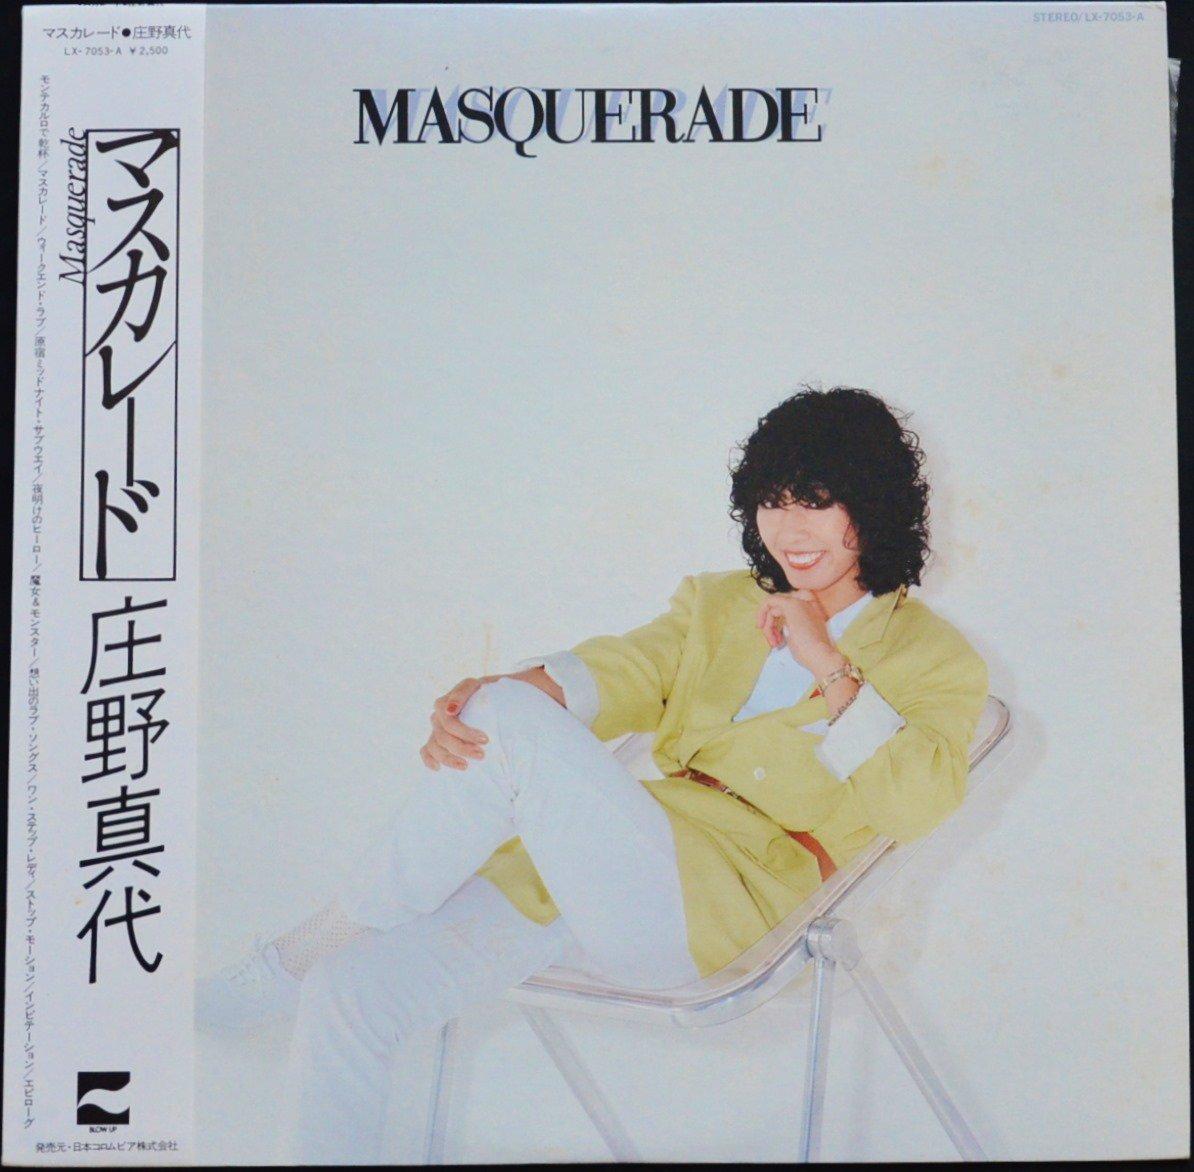 庄野真代 MAYO SHONO / マスカレード MASQUERADE (LP)